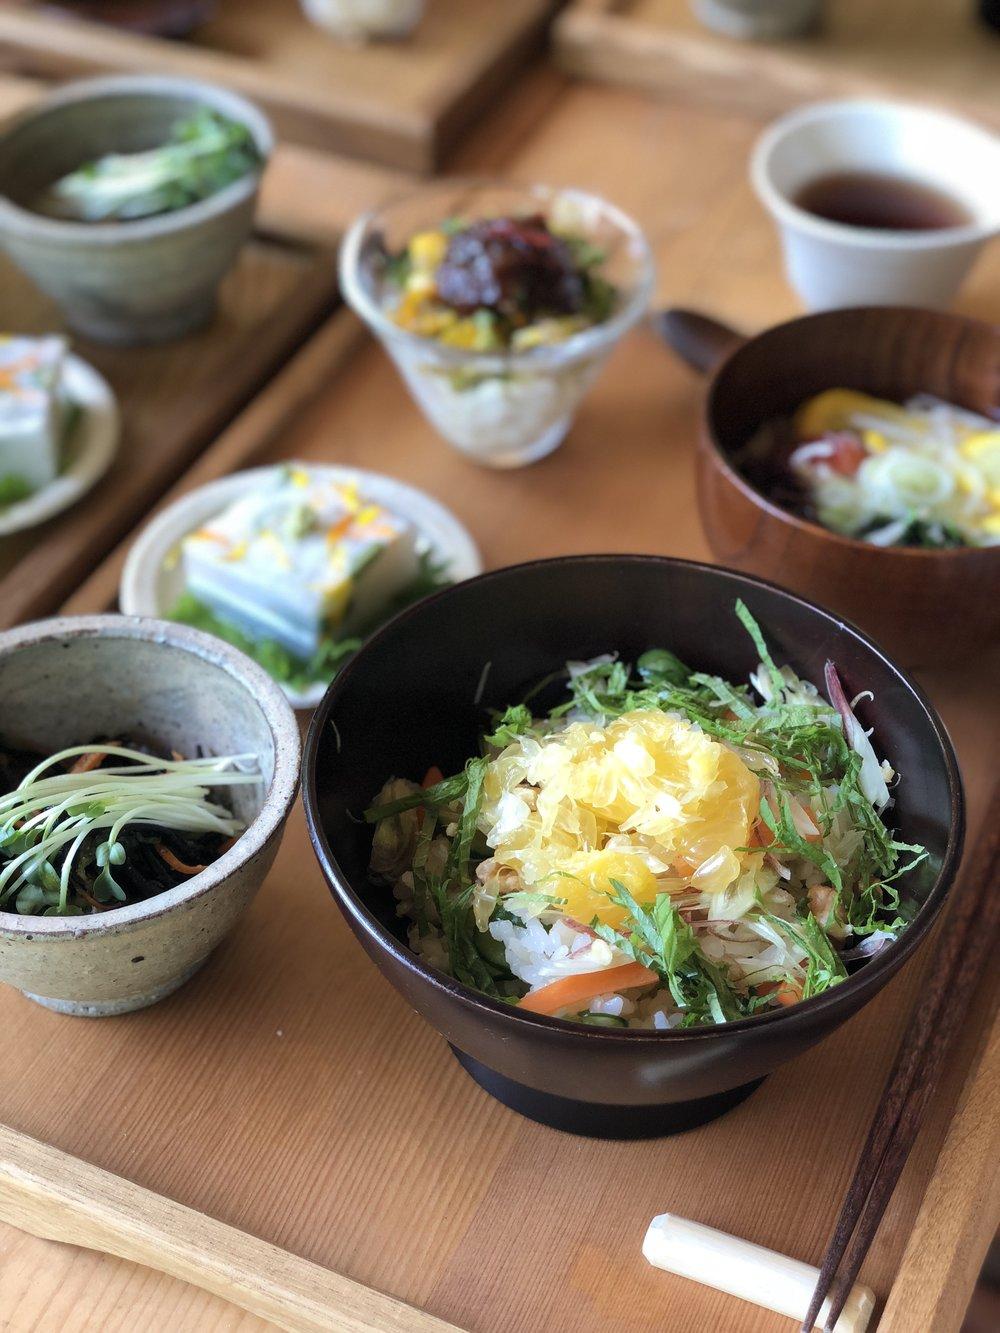 甘夏みかんのちらし寿司、トマトやモロヘイヤなど夏野菜が入ったおすまし、山芋のゼリー、ひじきの炒め物、コーンやゴーヤの小鉢、、、「命=いのち=いきのちから」をいただく、極上の幸せ。「いただいたエネルギーを平和なエネルギーに変えていきます」と手を合わせて、いただきました。すべてのつながりが完璧でした。ごちそうさまでした。